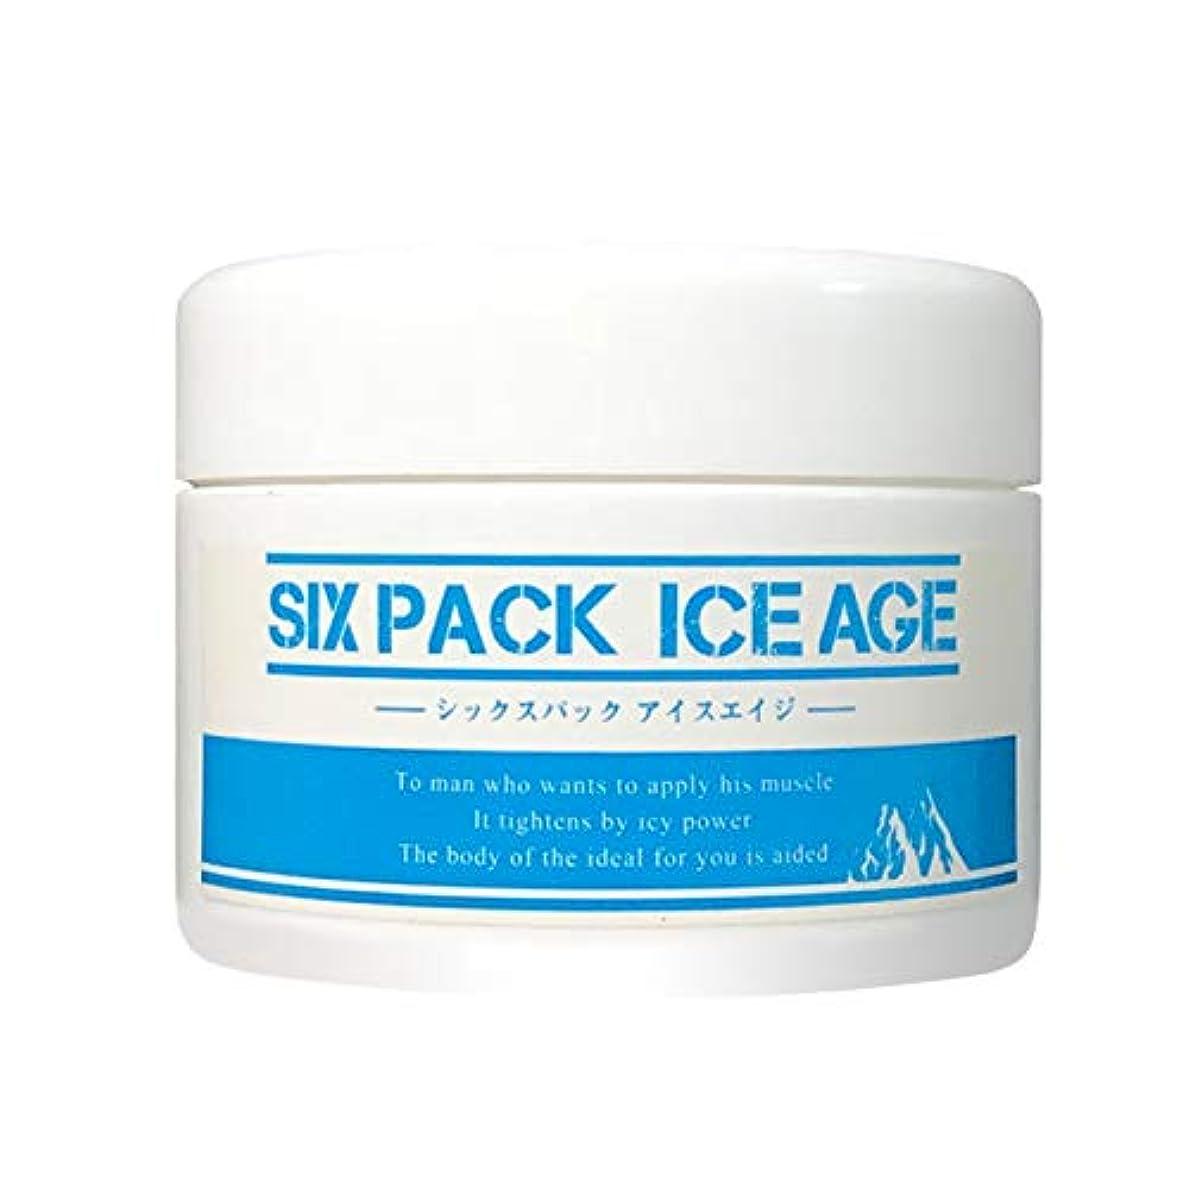 選出するブルーベル懐SIX PACK ICE AGE (シックスパックアイスエイジ) 冷却 マッサージクリーム (日本製) クール素材 シックスパックアイスエイジ (内容量200g)